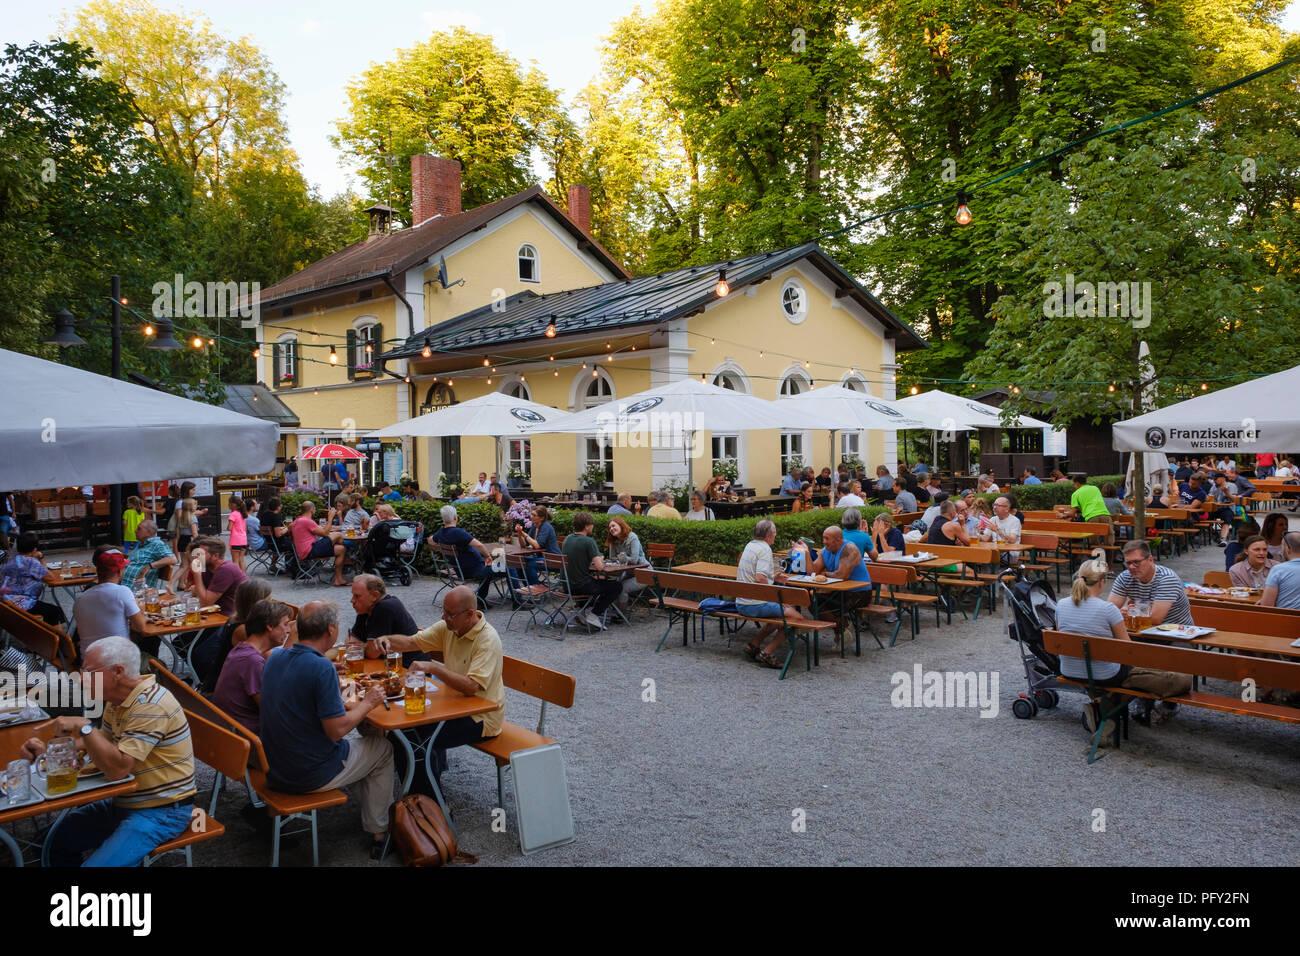 Jardin de bière Zum Flaucher, Sendling, Munich, Haute-Bavière, Bavière, Allemagne Photo Stock